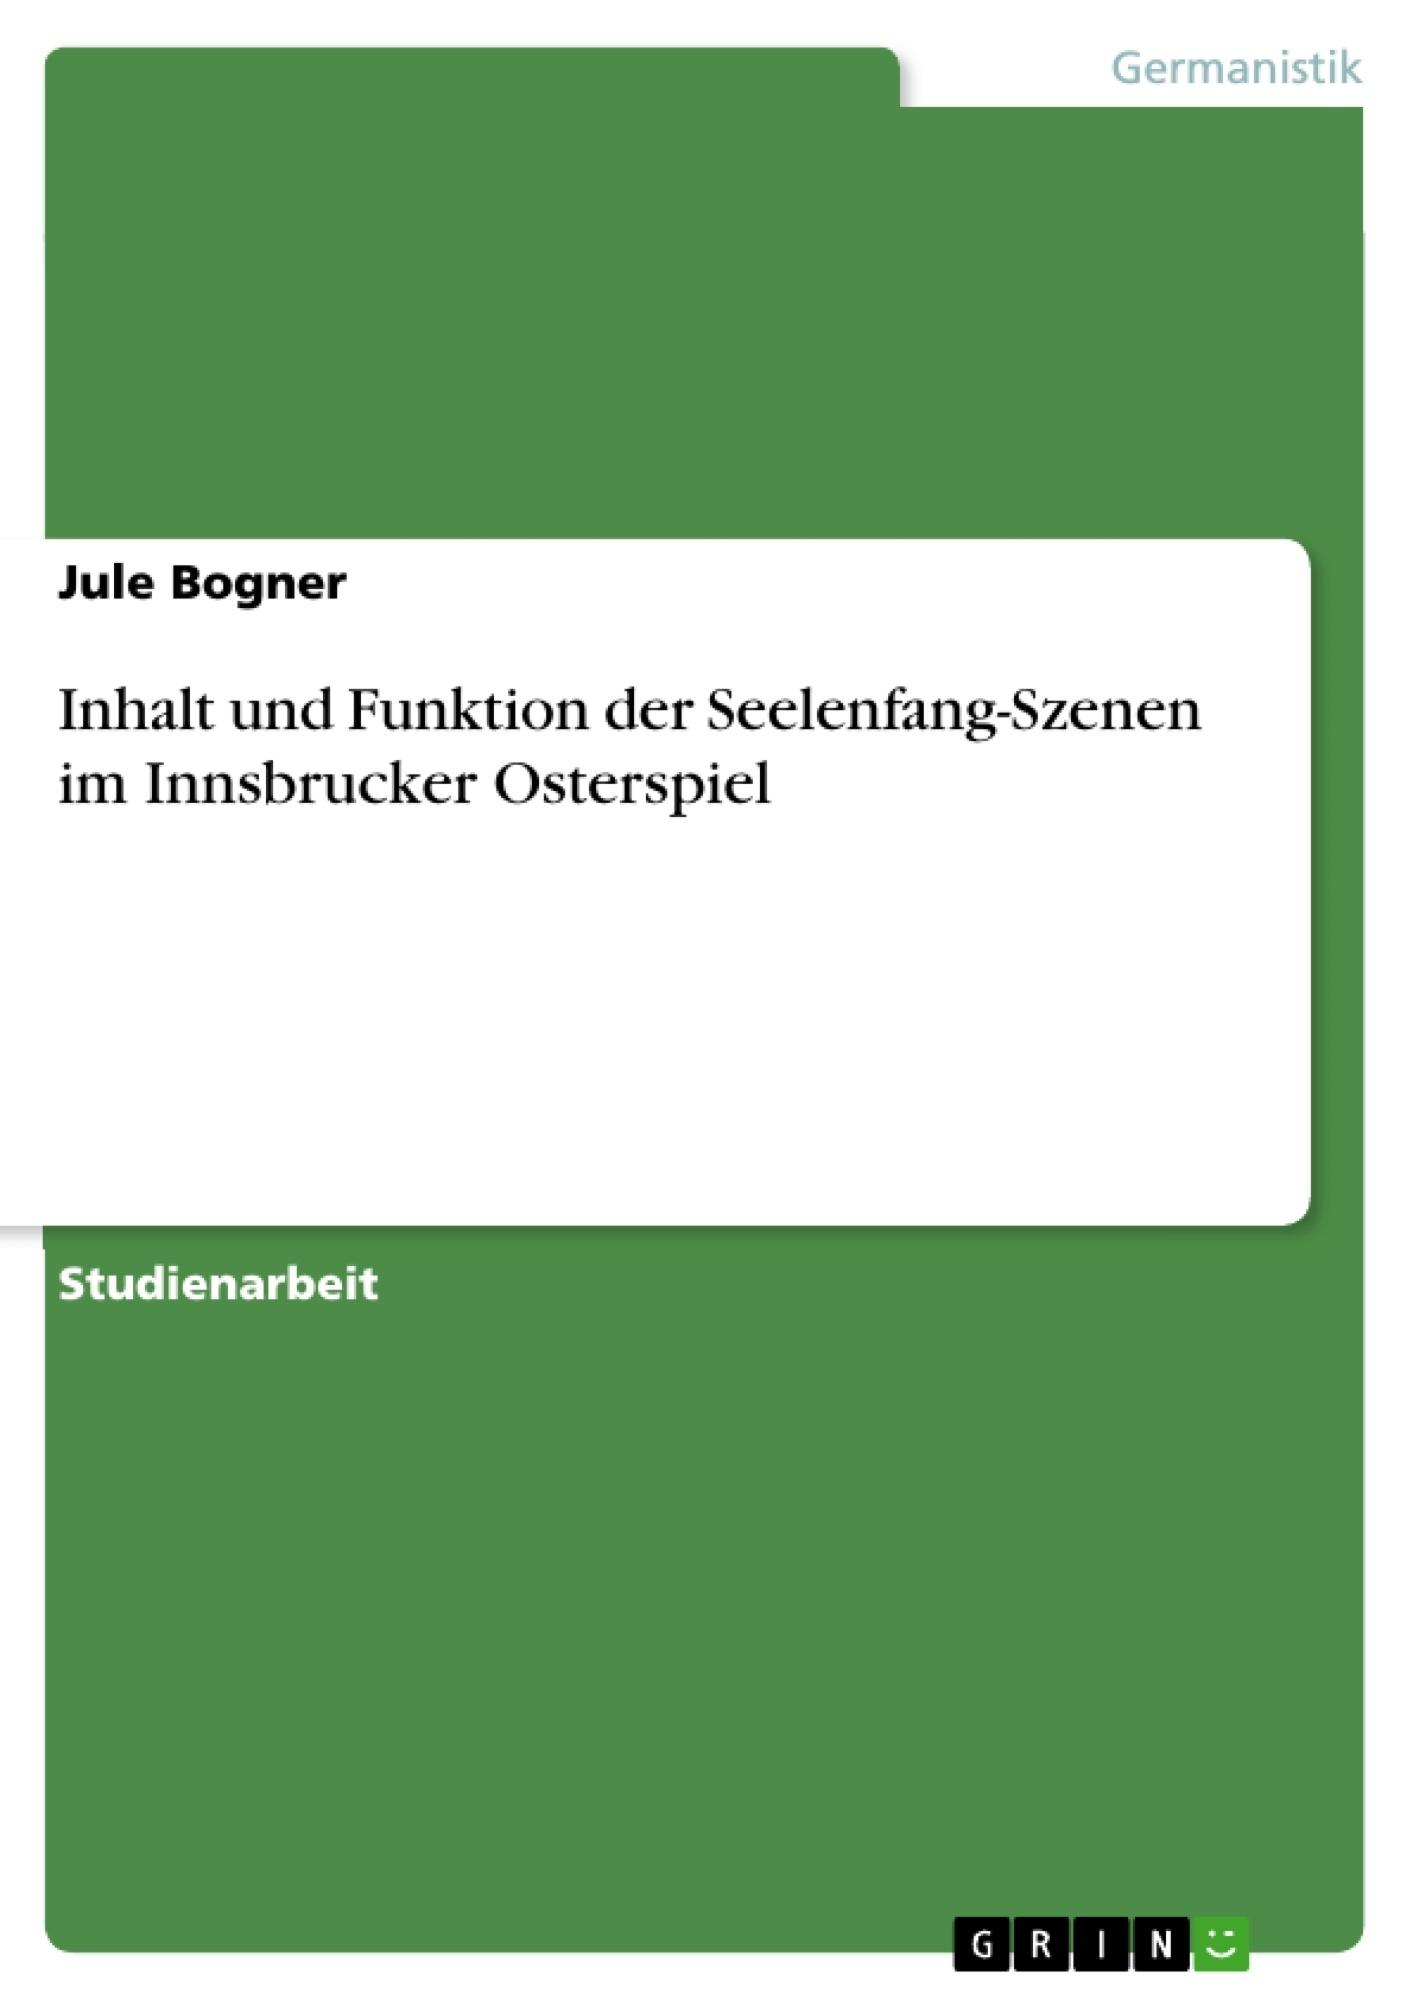 Titel: Inhalt und Funktion der Seelenfang-Szenen im Innsbrucker Osterspiel